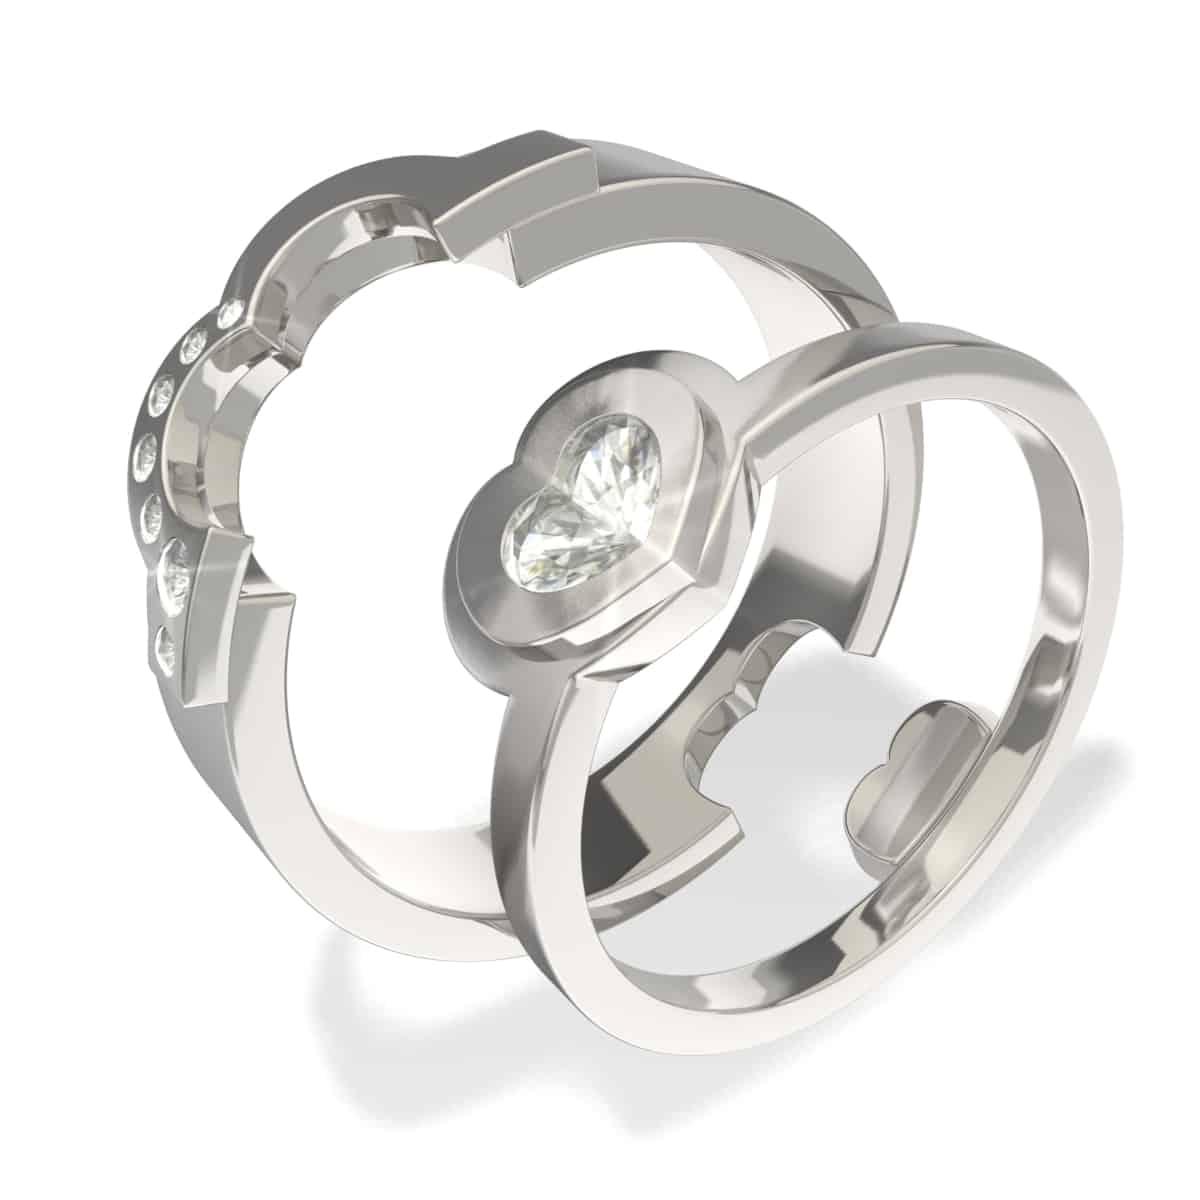 Zlatnictví Kalaš snubní prsteny 5023 bílé zlato